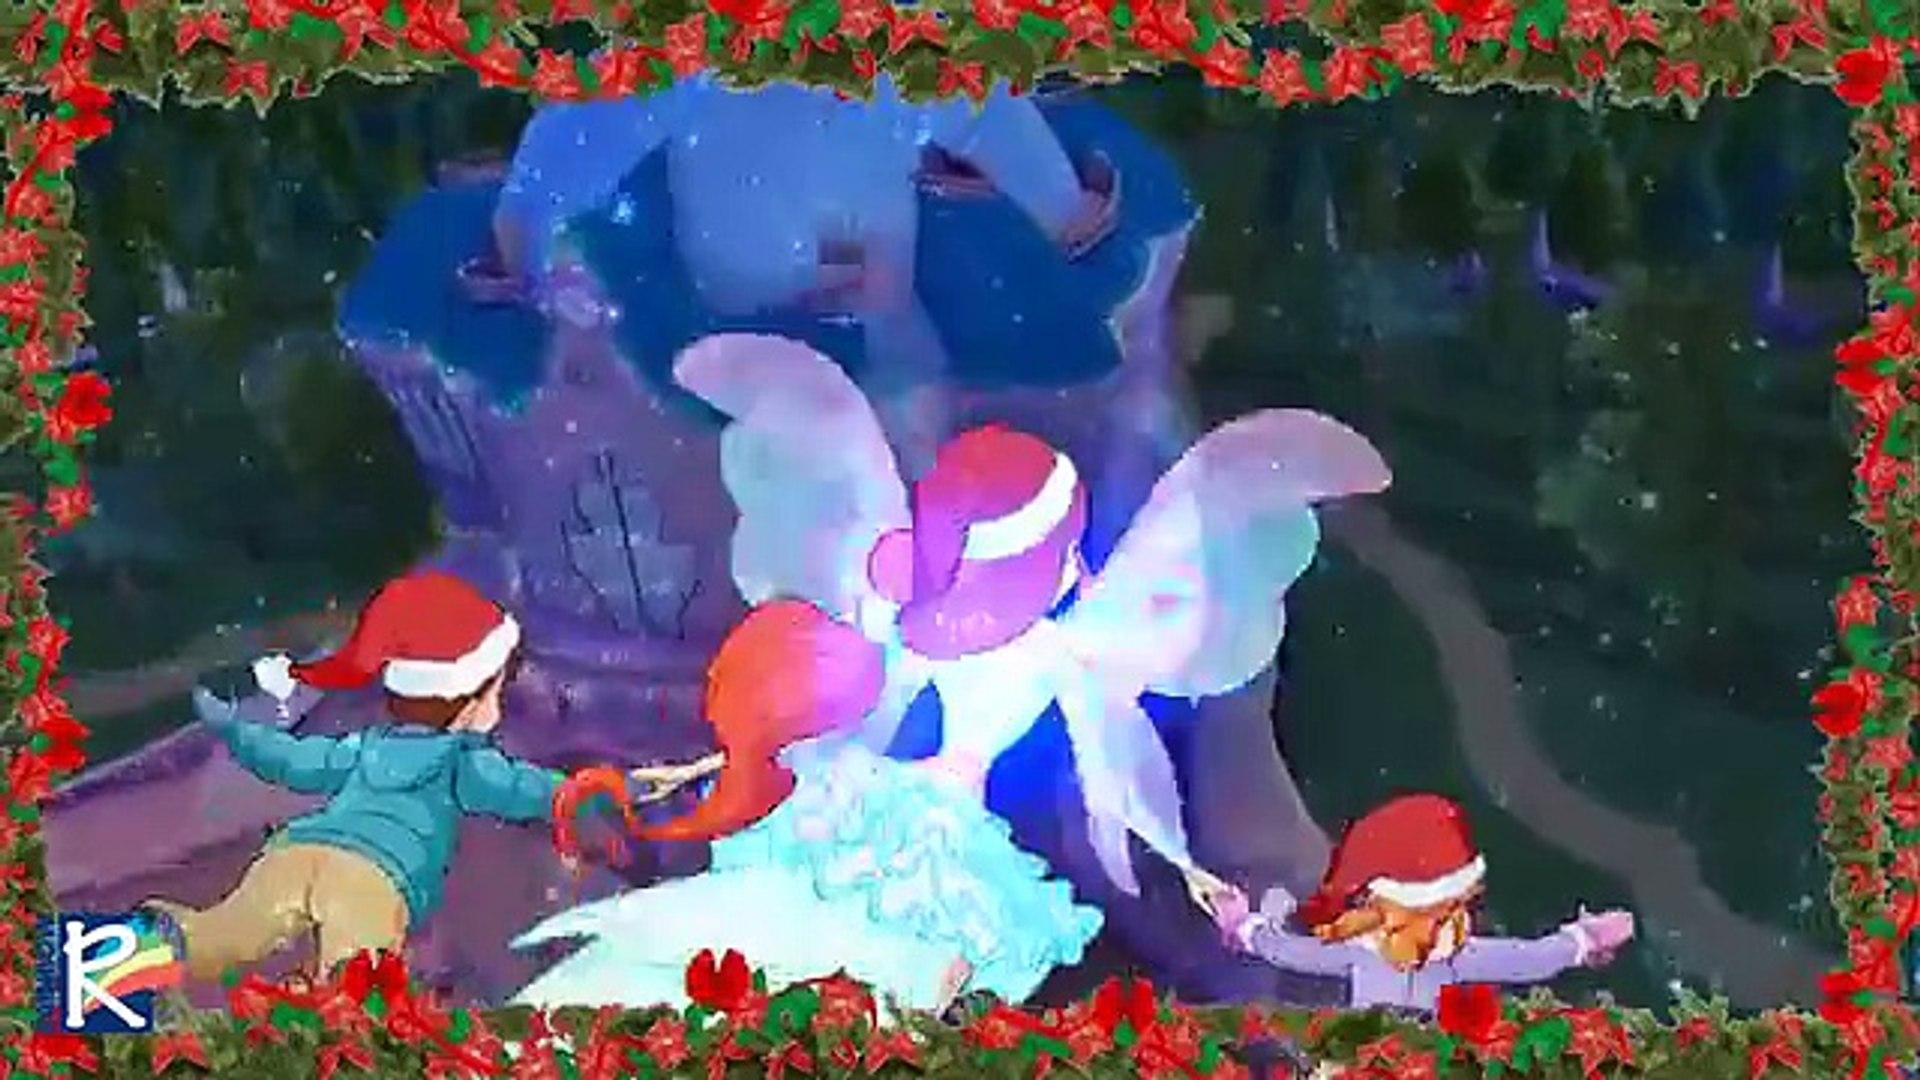 Christmas 2012 - Merry Christmas